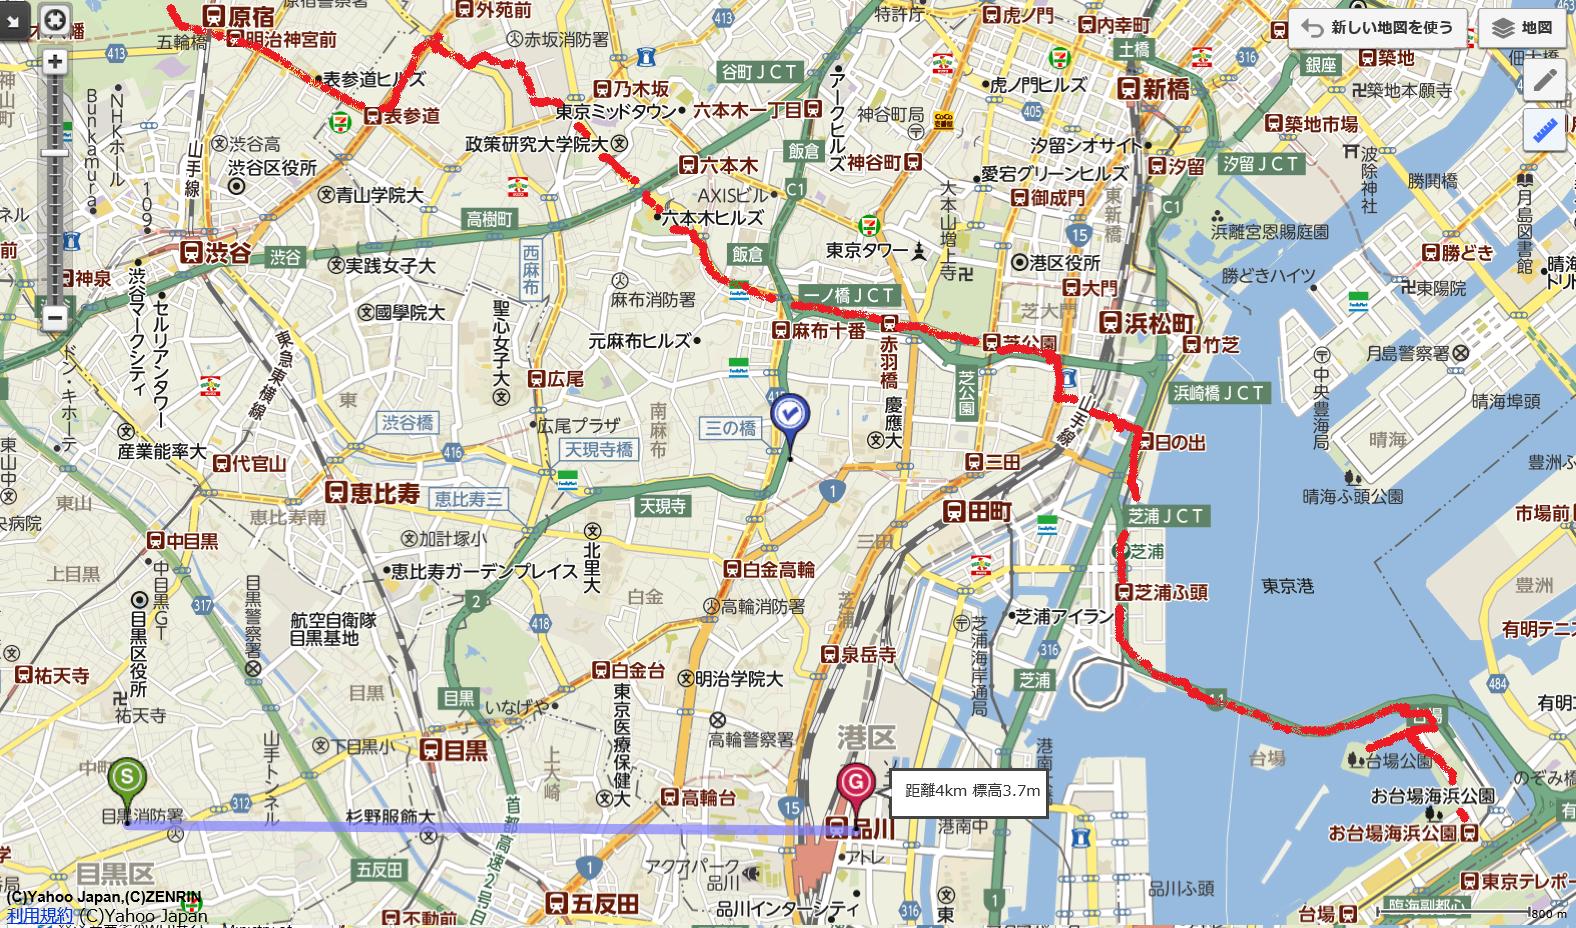 東京マップ1(2)